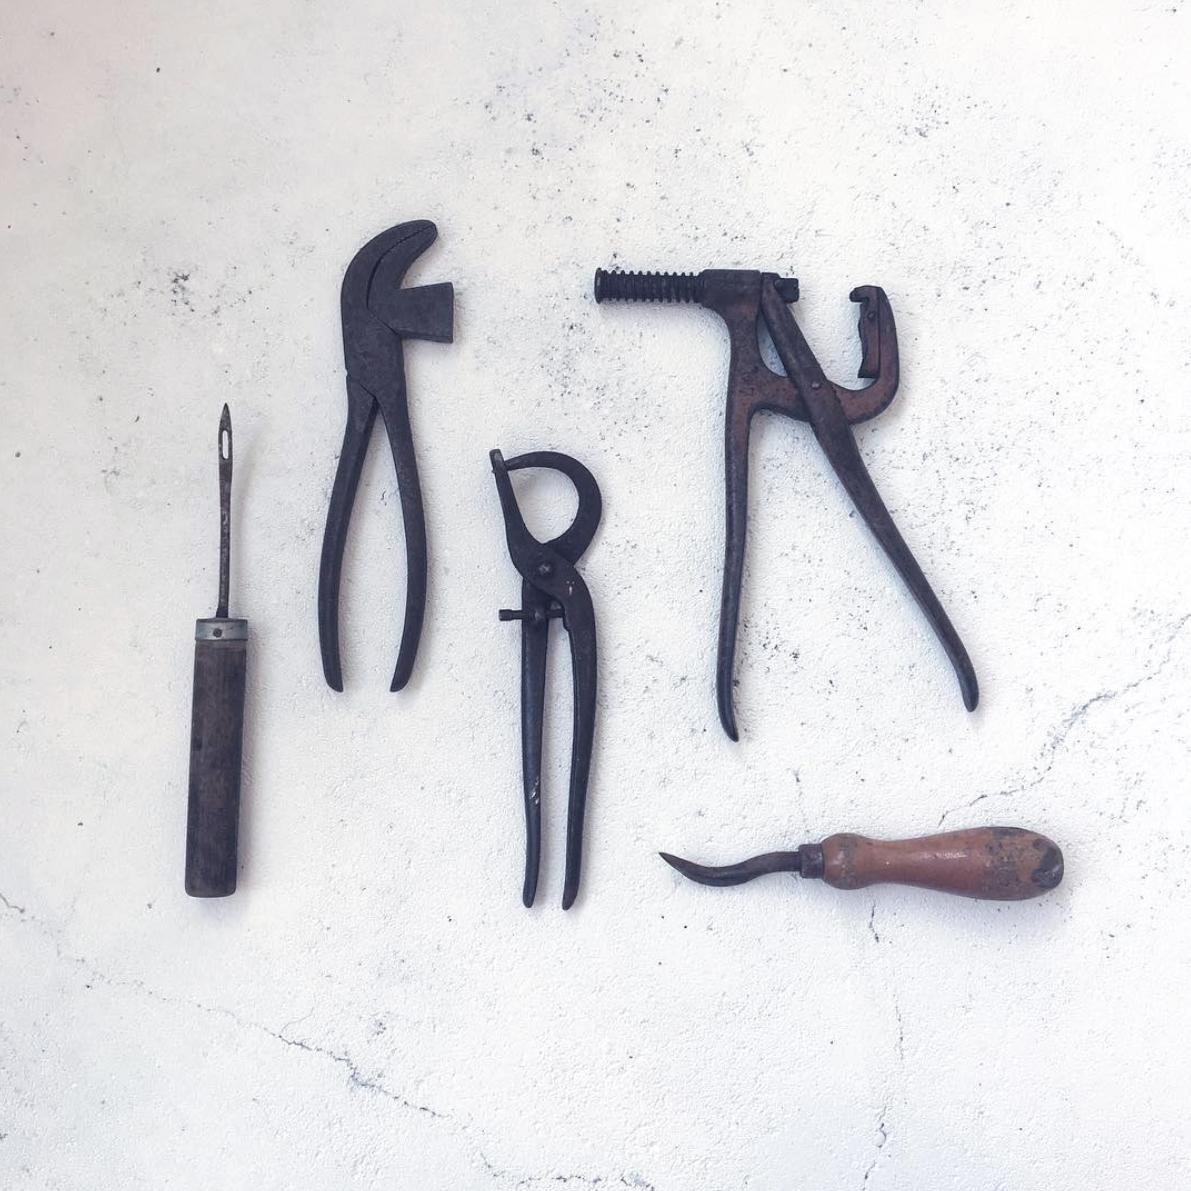 workspace tools